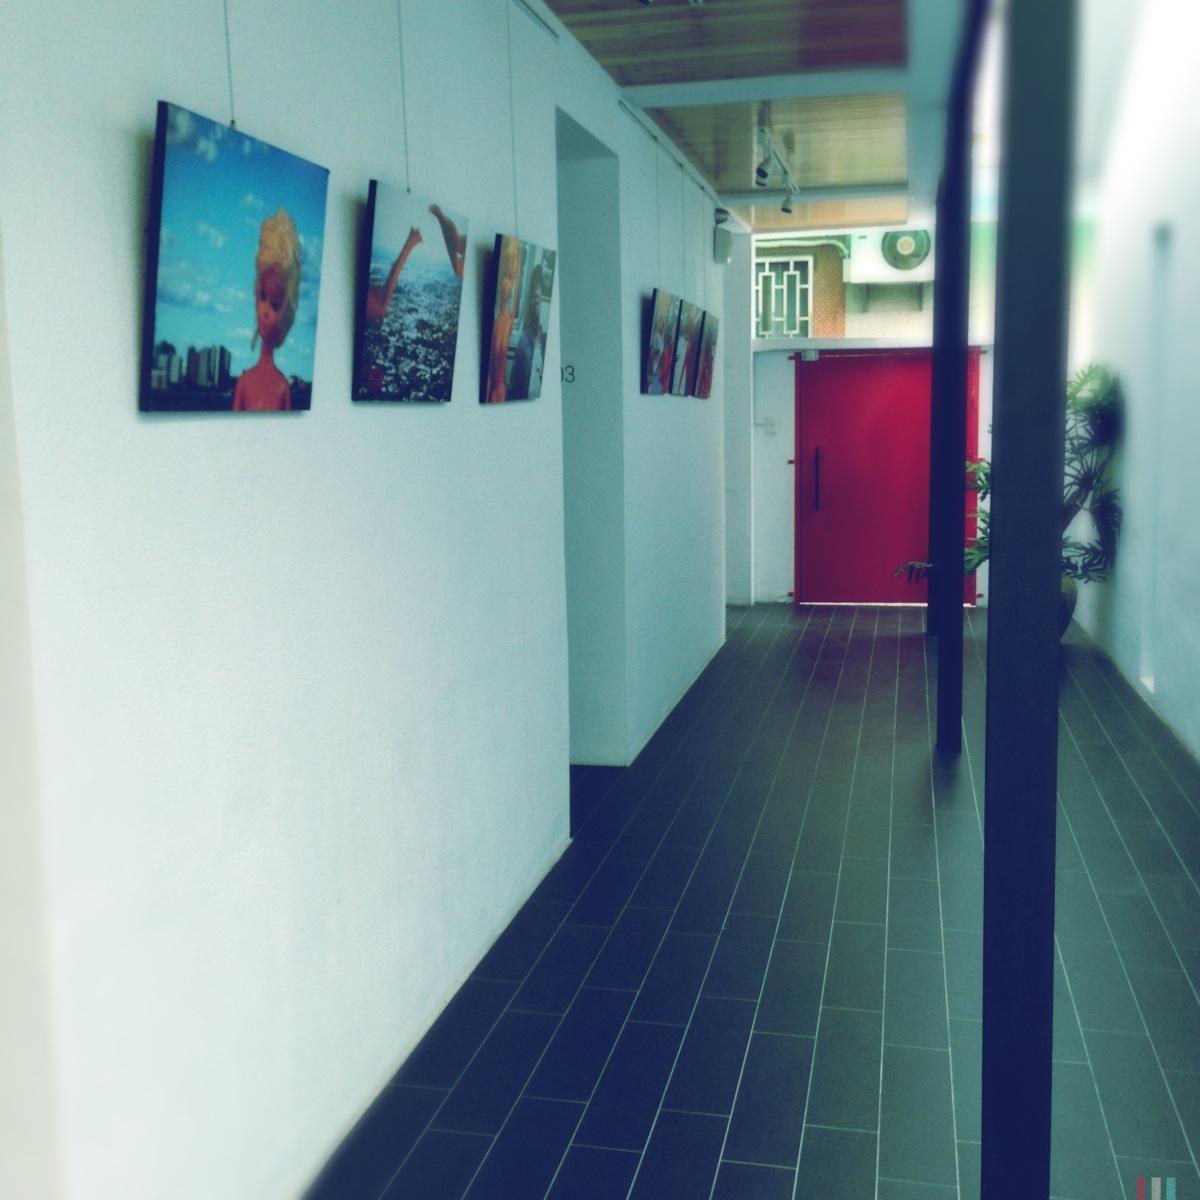 民宿與藝術空間的結合 - 台南市的八又二分之一 11